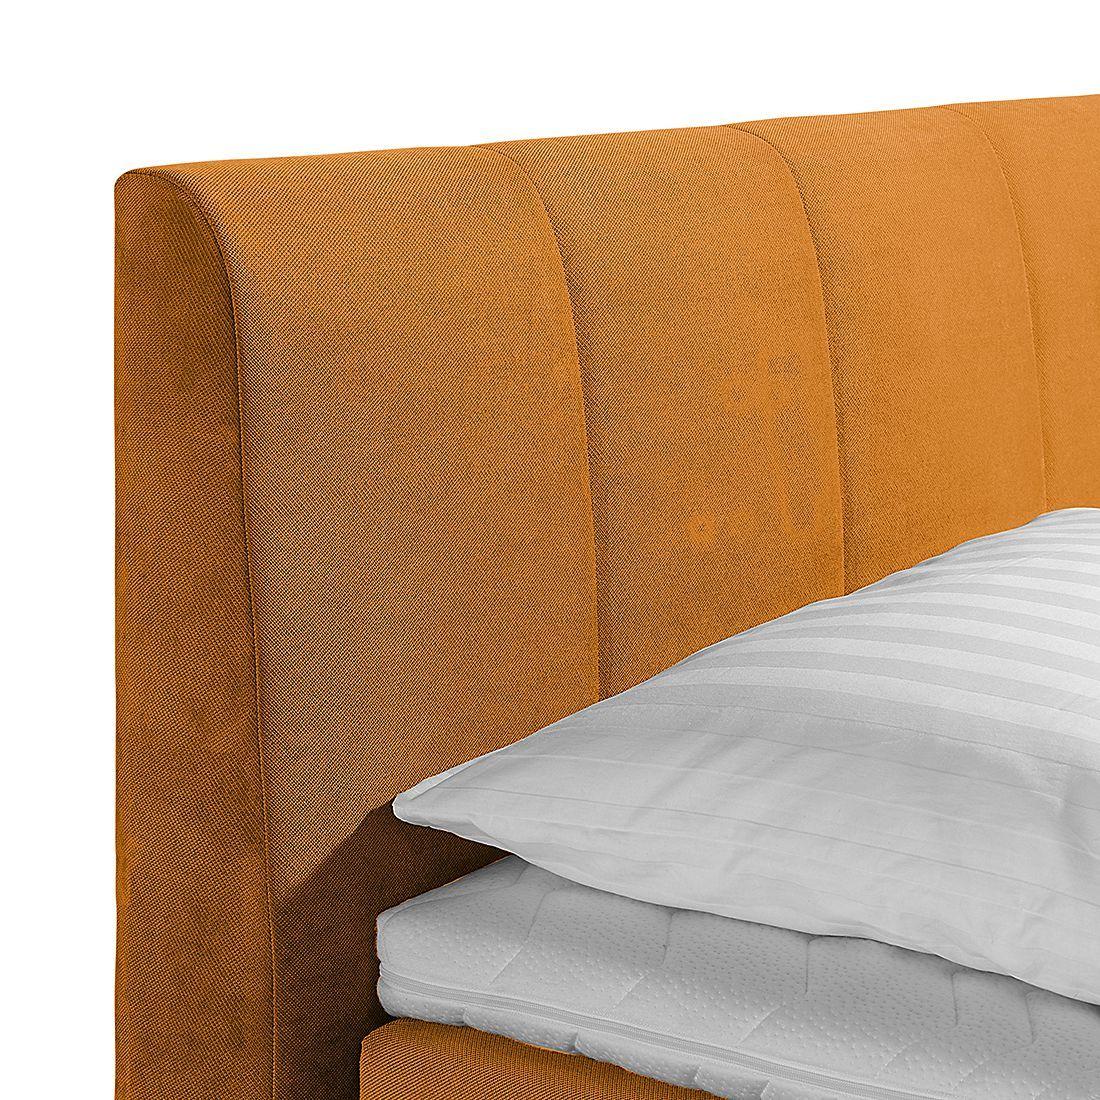 Boxspringbetten kaufen | Bett mit & ohne Bettkasten